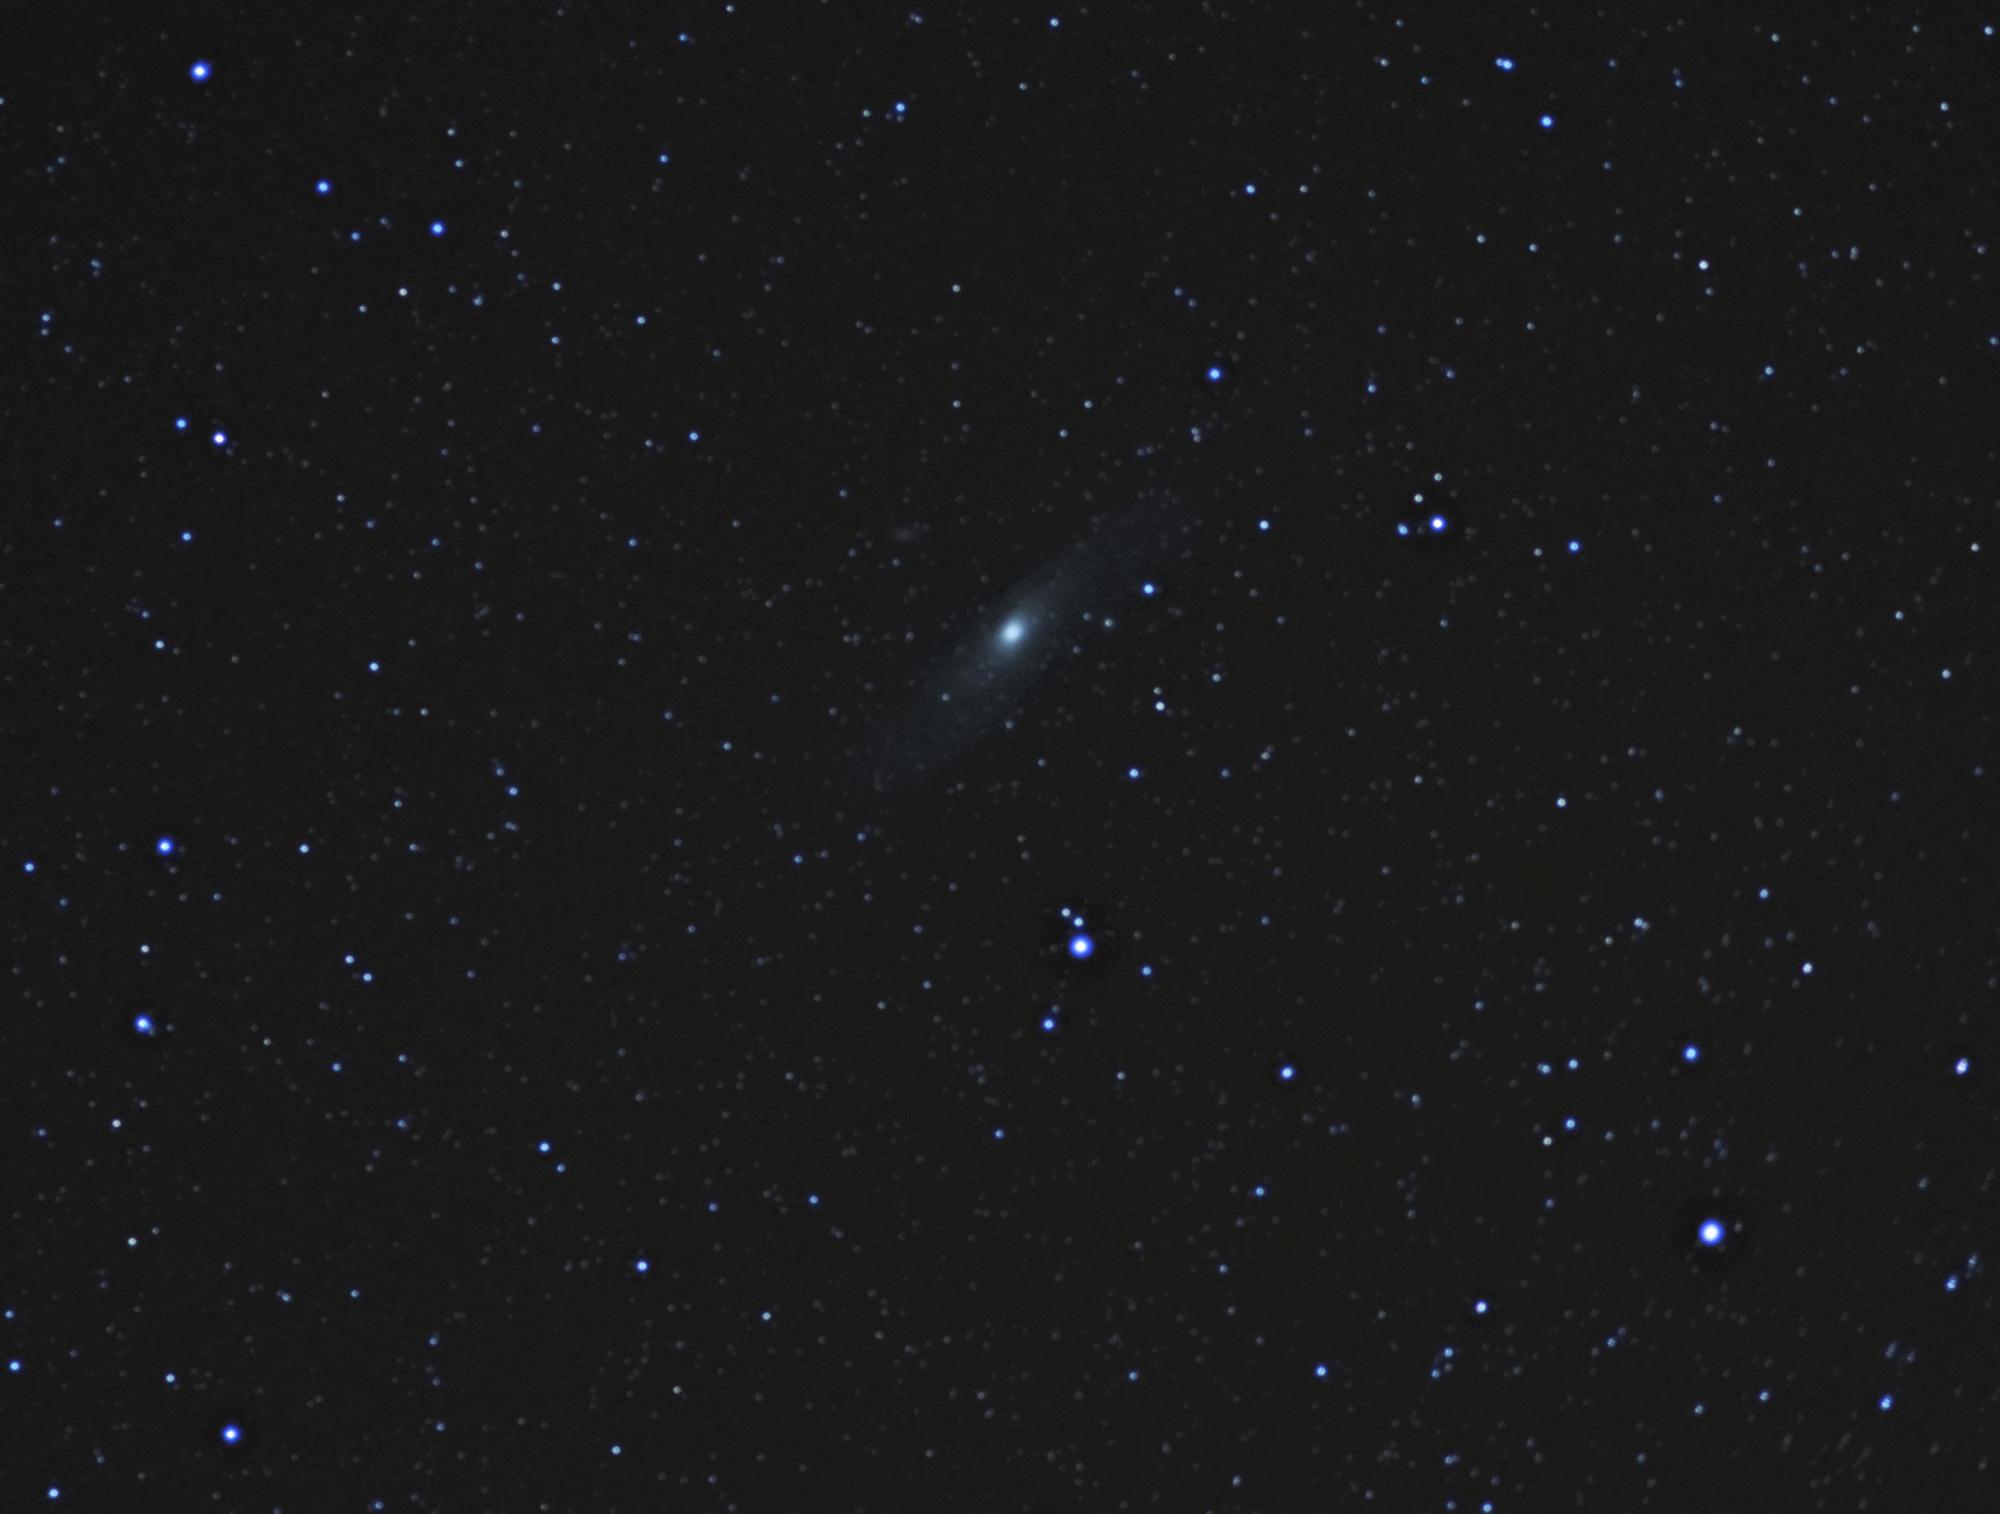 M31-2min3.thumb.jpg.24623edf10d4d33a4fba740474a58e16.jpg